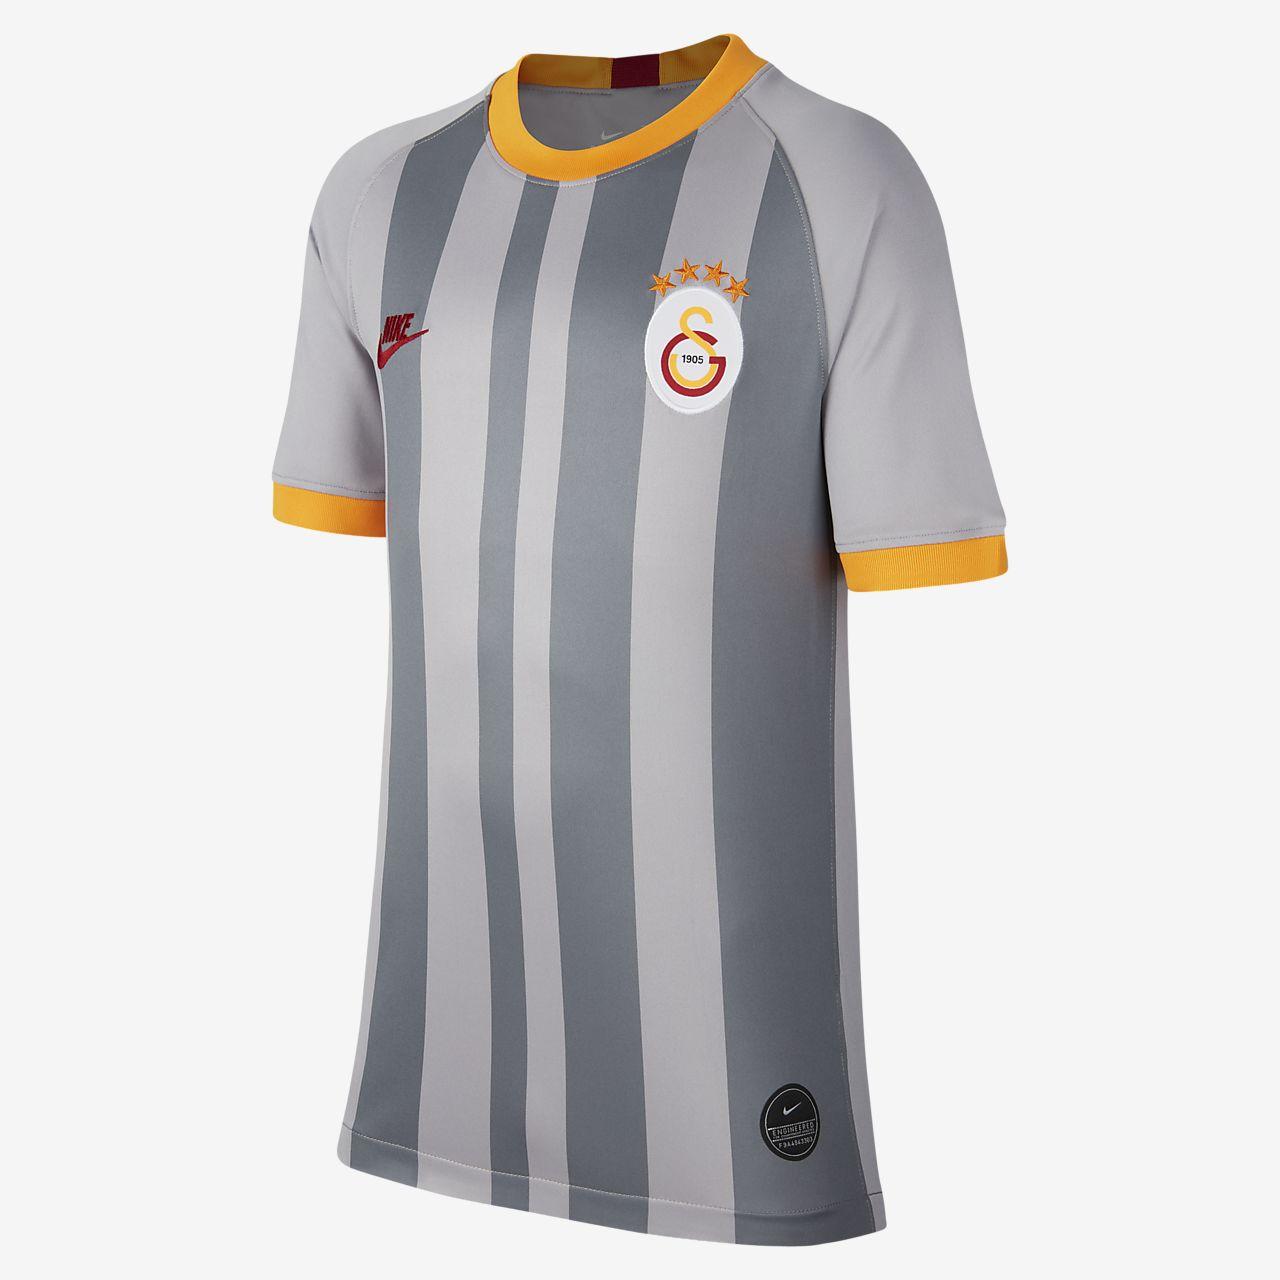 Fotbollströja Galatasaray Stadium 2019/20 Third för ungdom